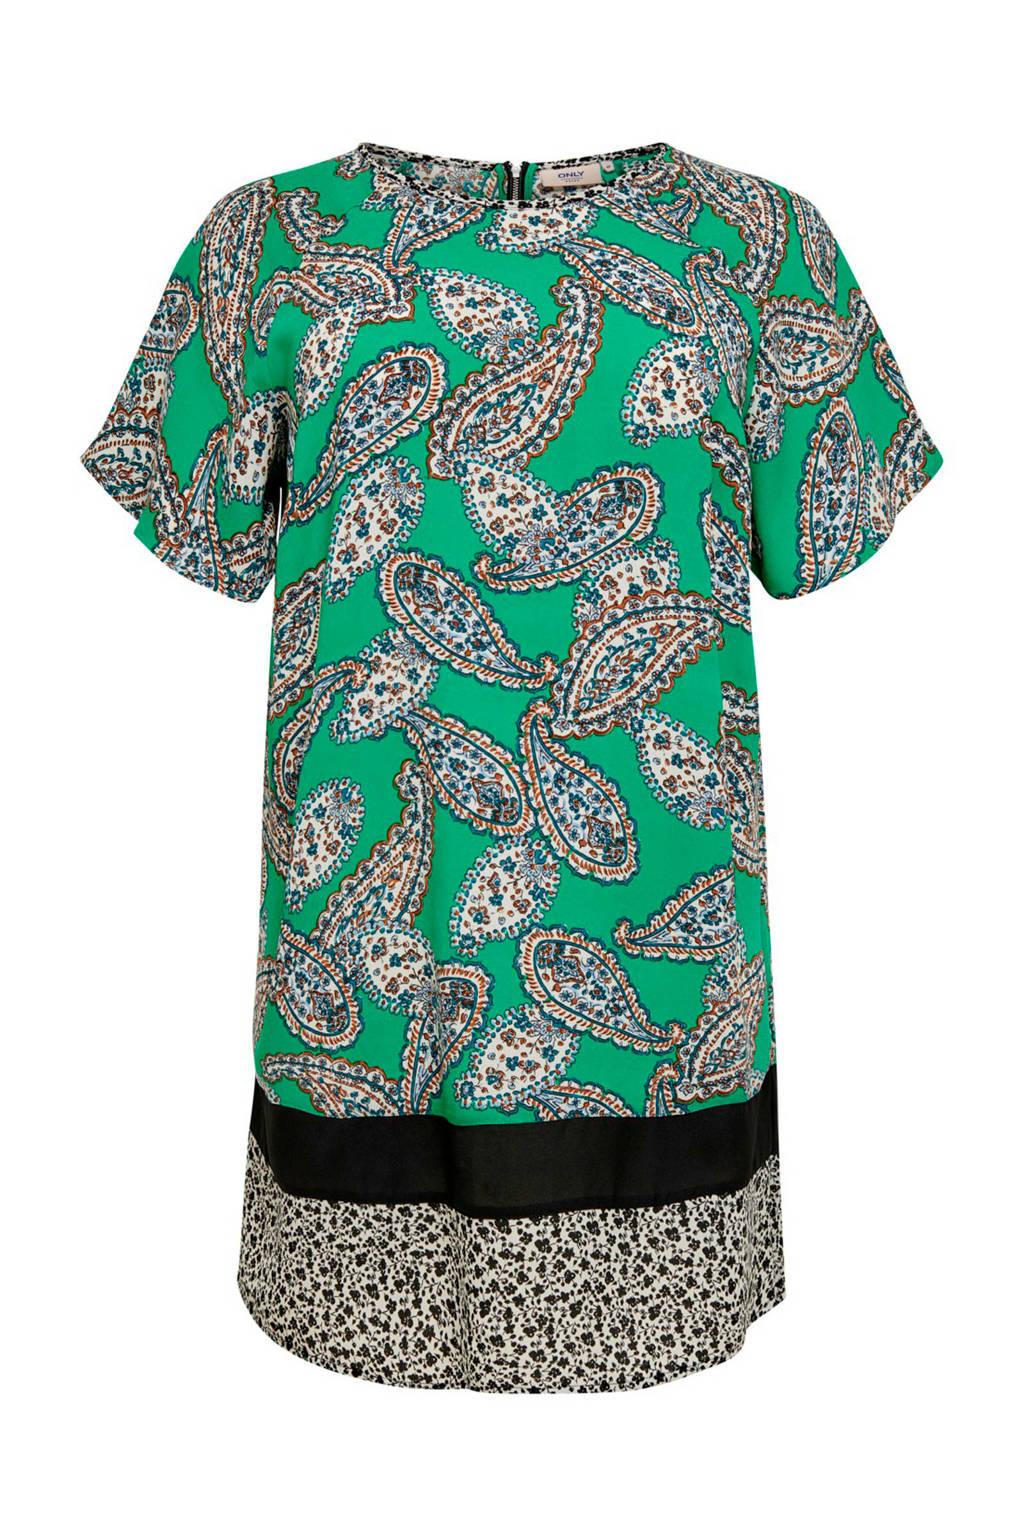 ONLY carmakoma jurk met paisley print groen, Groen